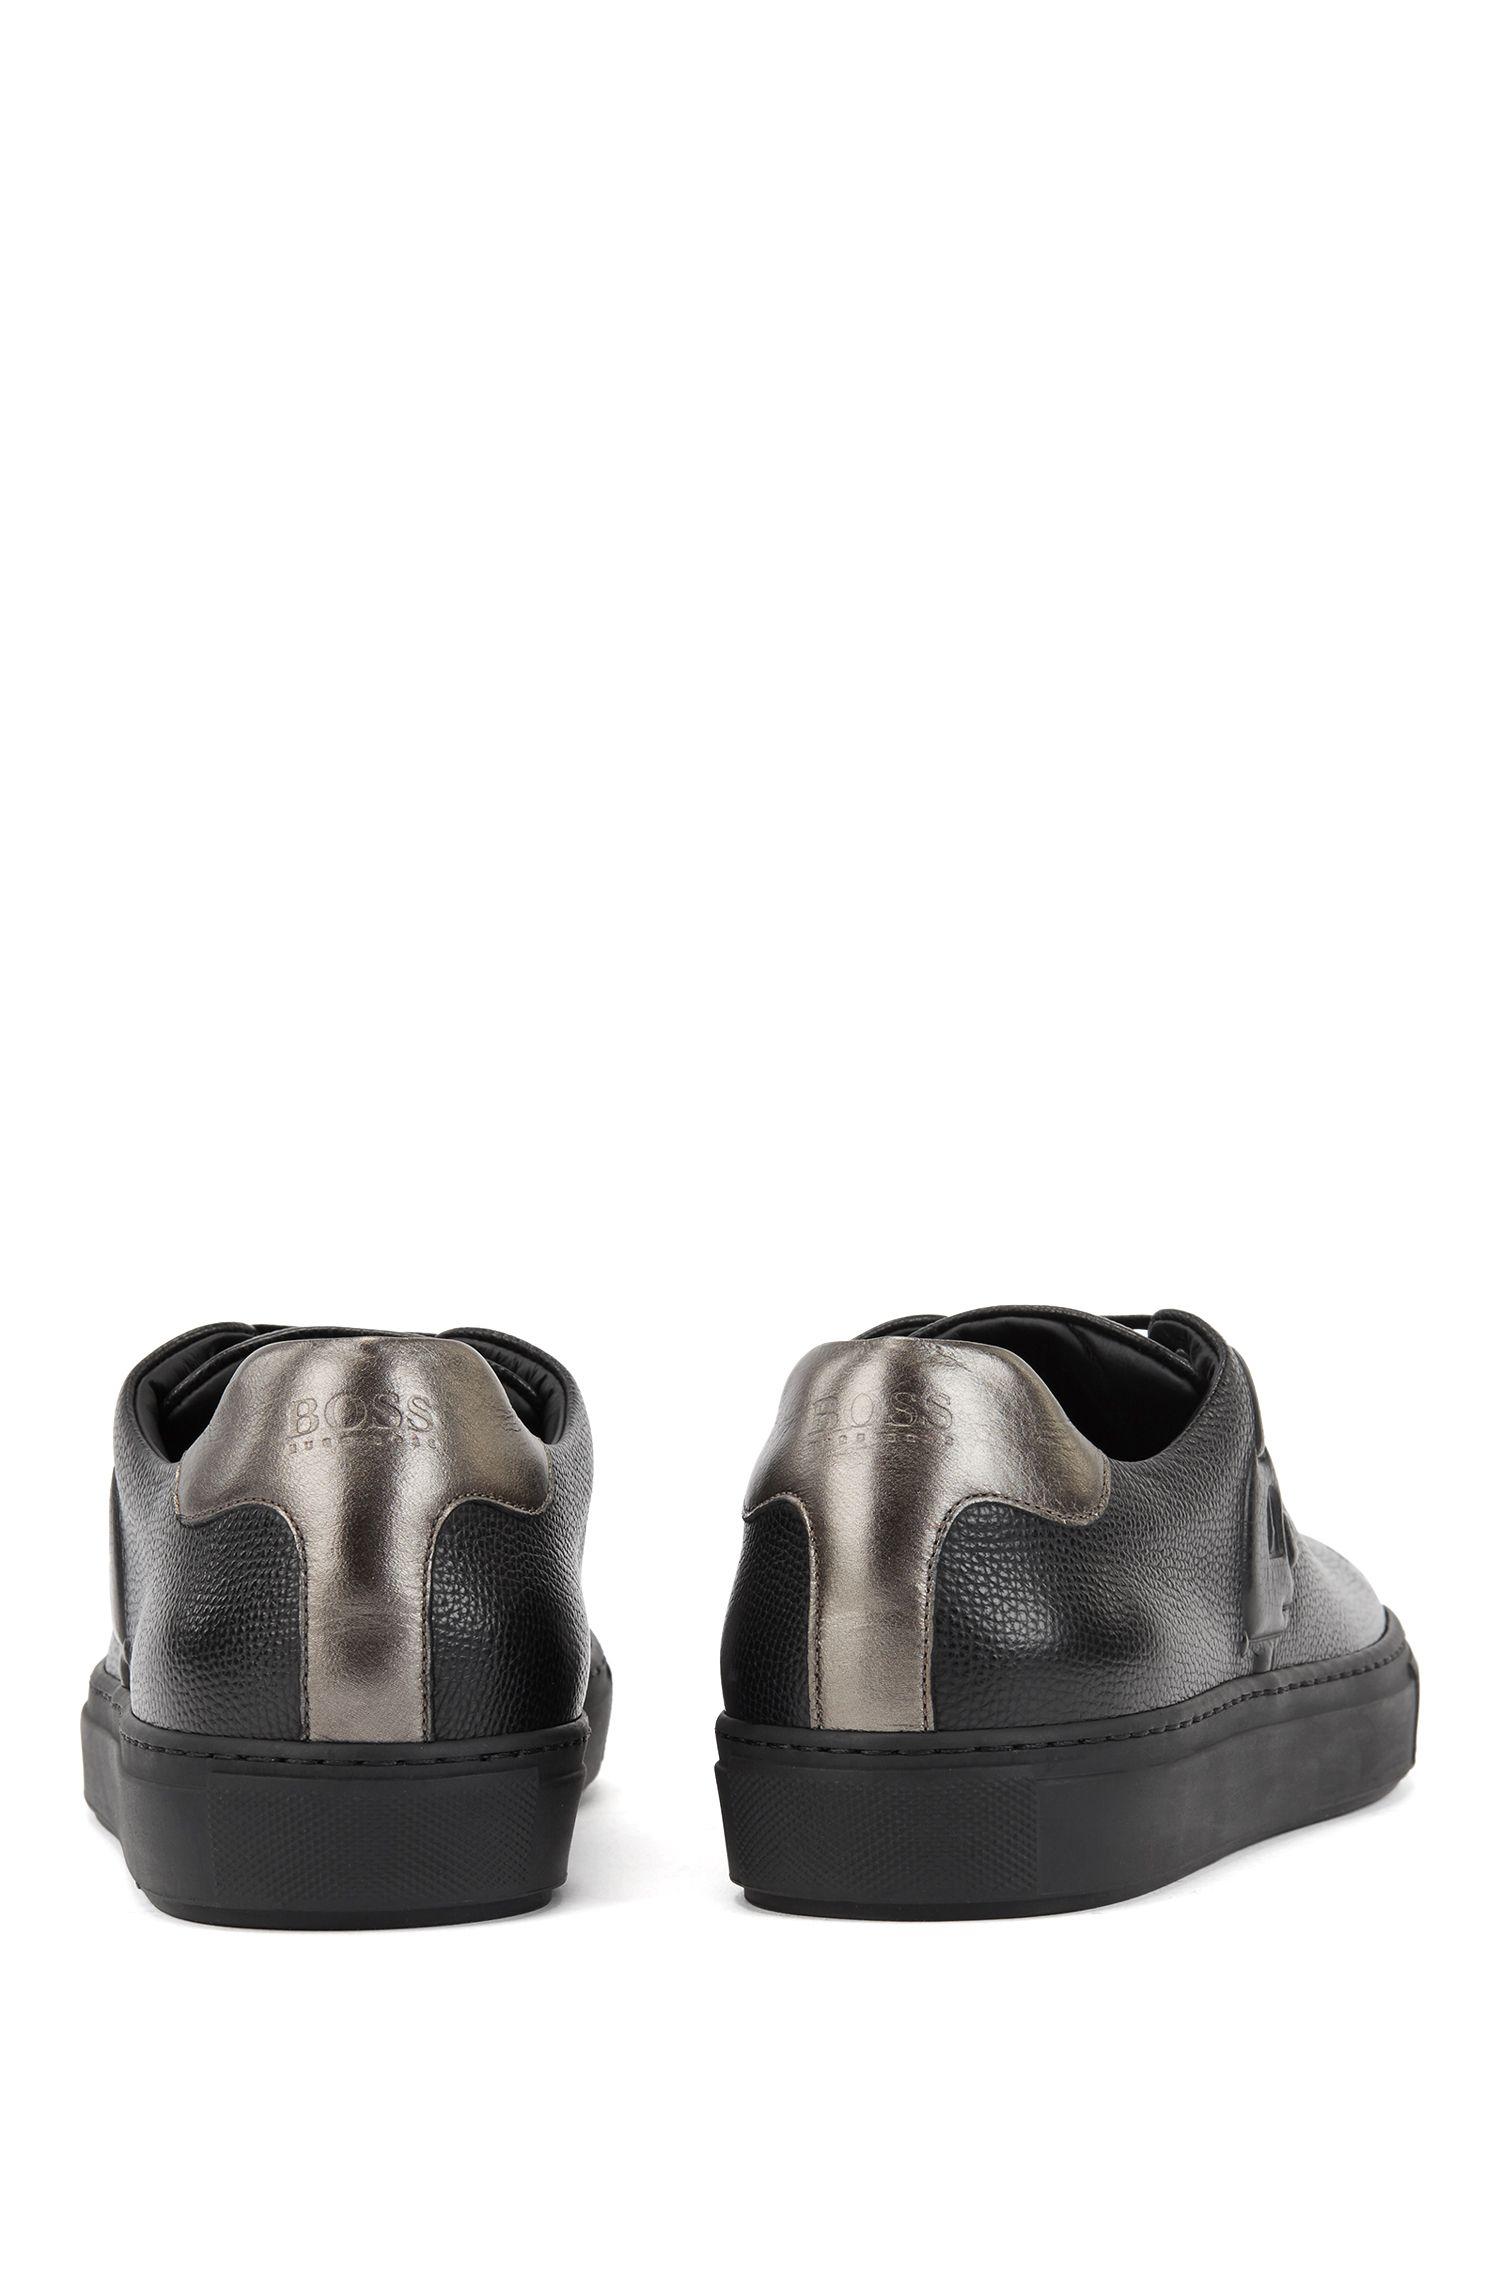 Limited edition leren sneakers met Jeremyville-konijn in reliëf, Zwart